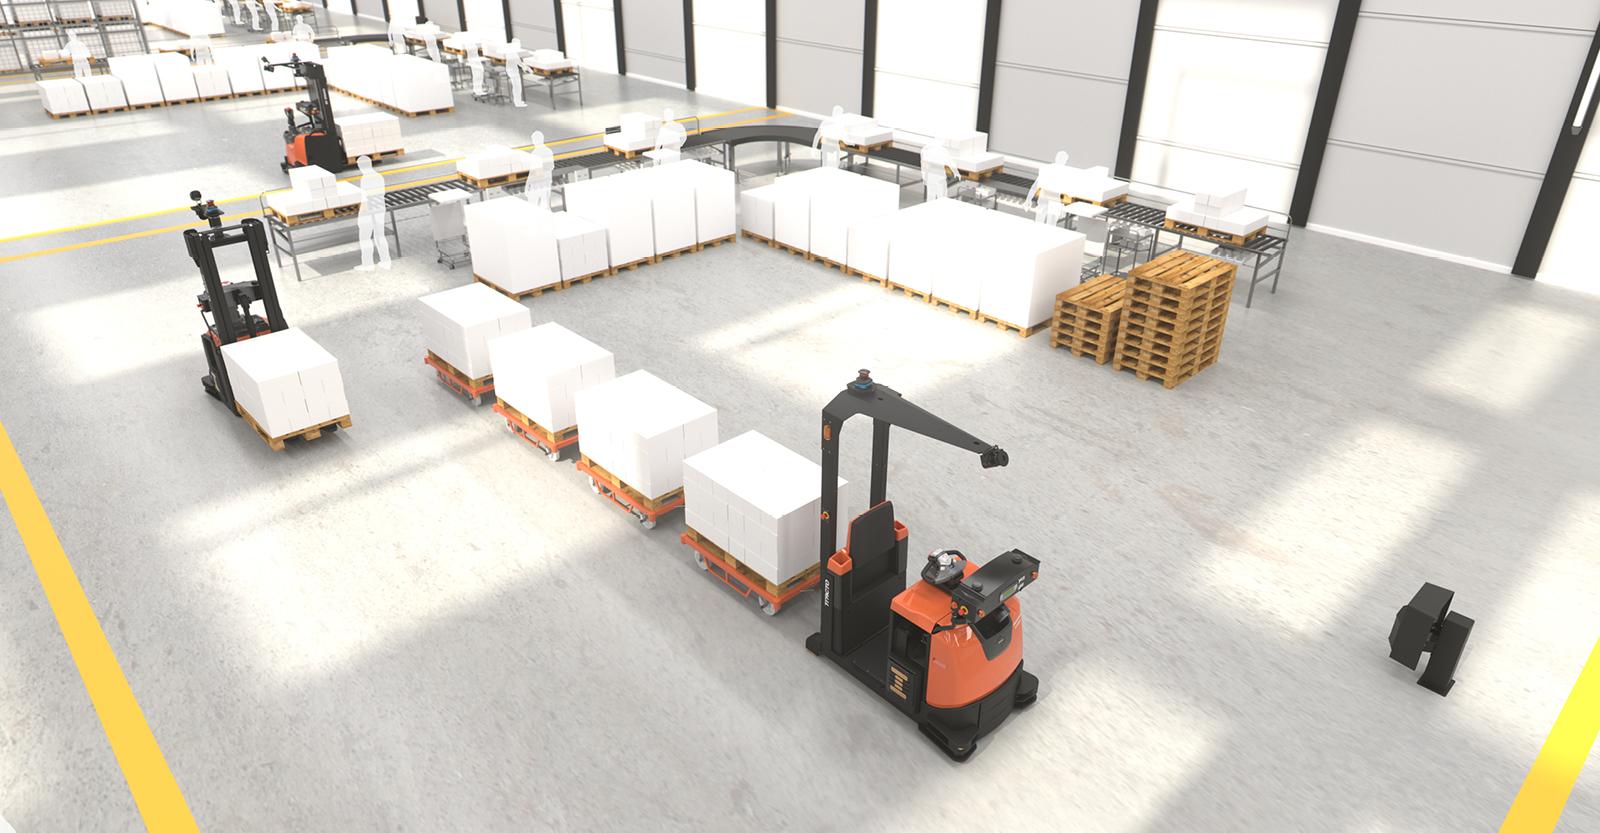 Vijf manieren waarop automatisering uw interne logistiek ten goede kan komen